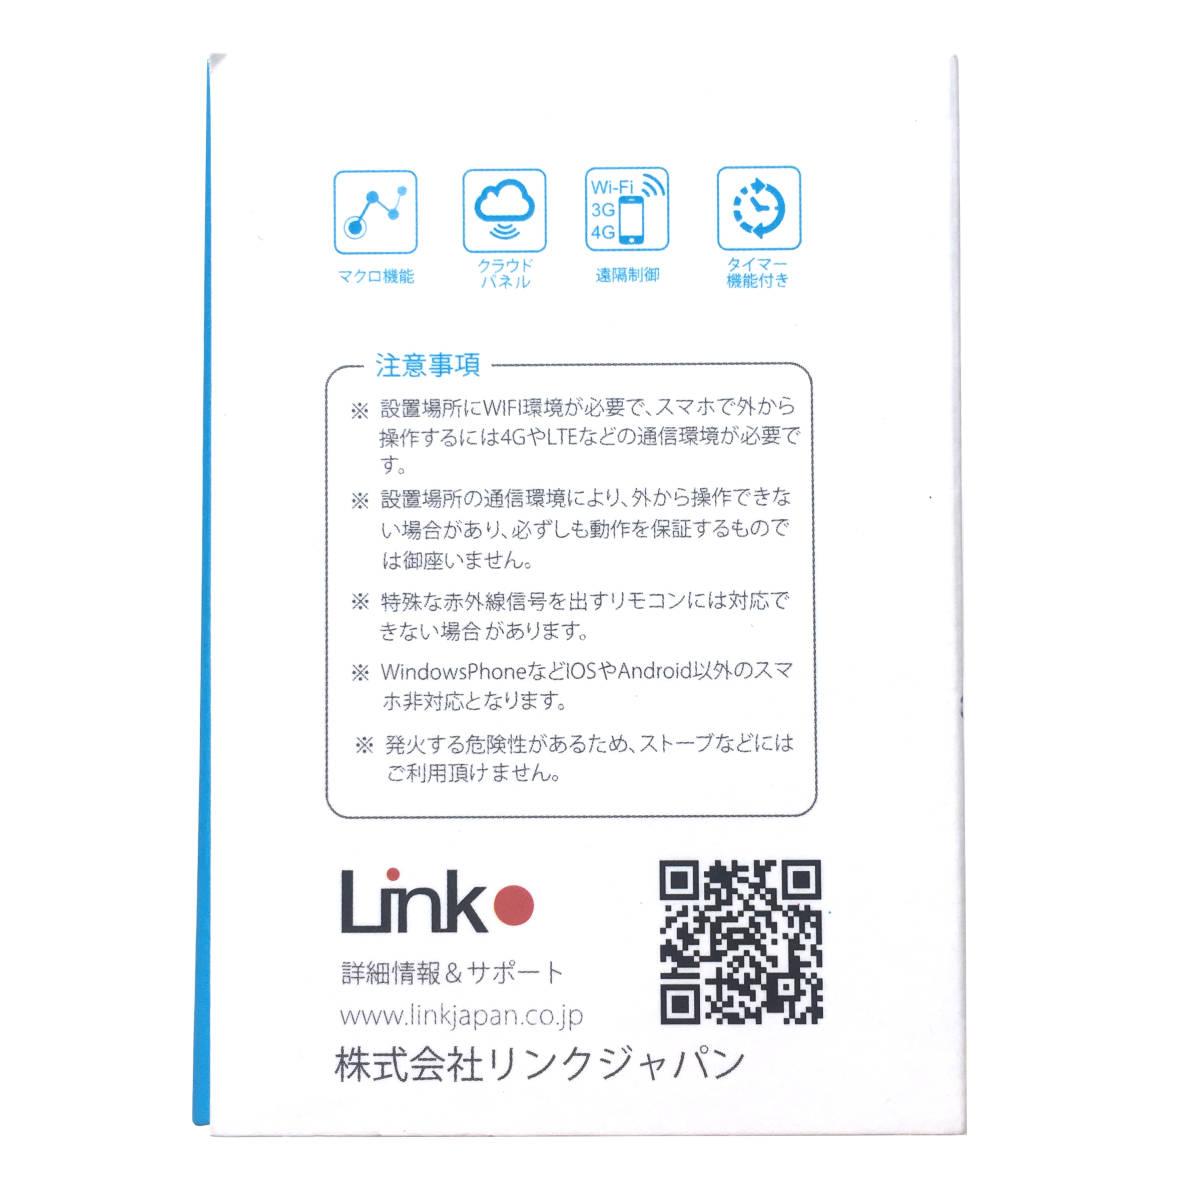 【新品・未開封】 Amazon echo show 5 Alexa 対応 スマートスピーカー + LinkJapan eRemote mini IoT リモコン セット IFTTT 対応_画像10